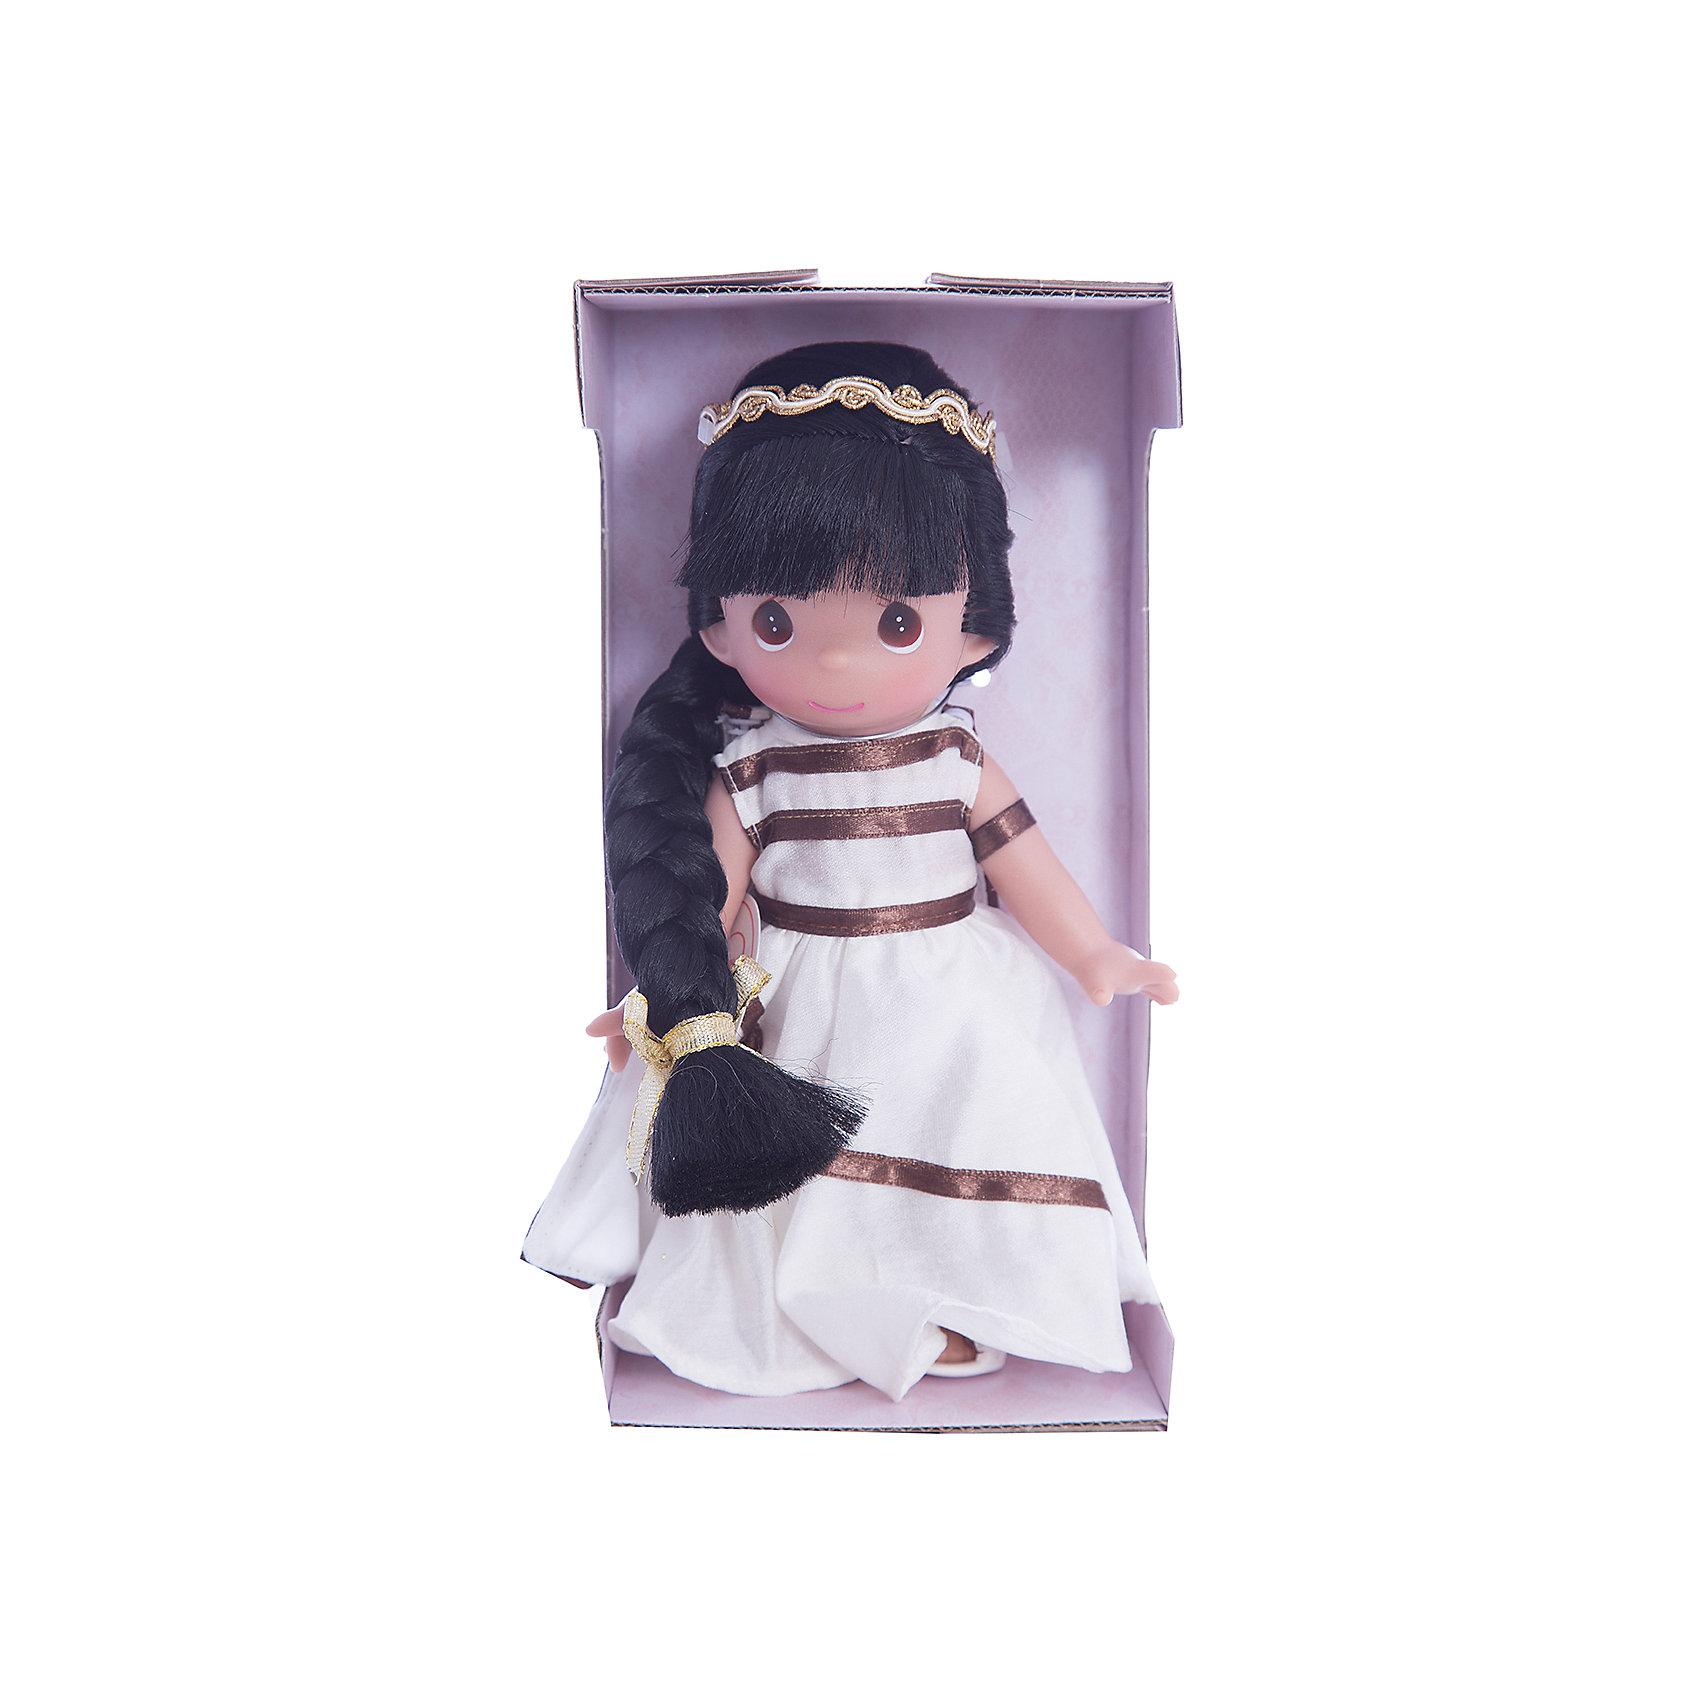 Кукла Афина. Греция, 21 см, Precious MomentsБренды кукол<br>Характеристики товара:<br><br>• возраст: от 5 лет;<br>• материал: винил, текстиль;<br>• высота куклы: 21 см;<br>• размер упаковки: 25х6х10 см;<br>• вес упаковки: 170 гр.;<br>• страна производитель: Филиппины.<br><br>Кукла «Афина. Греция» Precious Moments — коллекционная кукла с выразительными карими глазками и черными волосами, заплетенными в длинную косу. Куколка одета в традиционное греческое платье. У куклы имеются подвижные детали. Она выполнена из качественного безопасного материала.<br><br>Куклу «Афина. Греция» Precious Moments можно приобрести в нашем интернет-магазине.<br><br>Ширина мм: 60<br>Глубина мм: 210<br>Высота мм: 60<br>Вес г: 110<br>Возраст от месяцев: 36<br>Возраст до месяцев: 2147483647<br>Пол: Женский<br>Возраст: Детский<br>SKU: 5482515